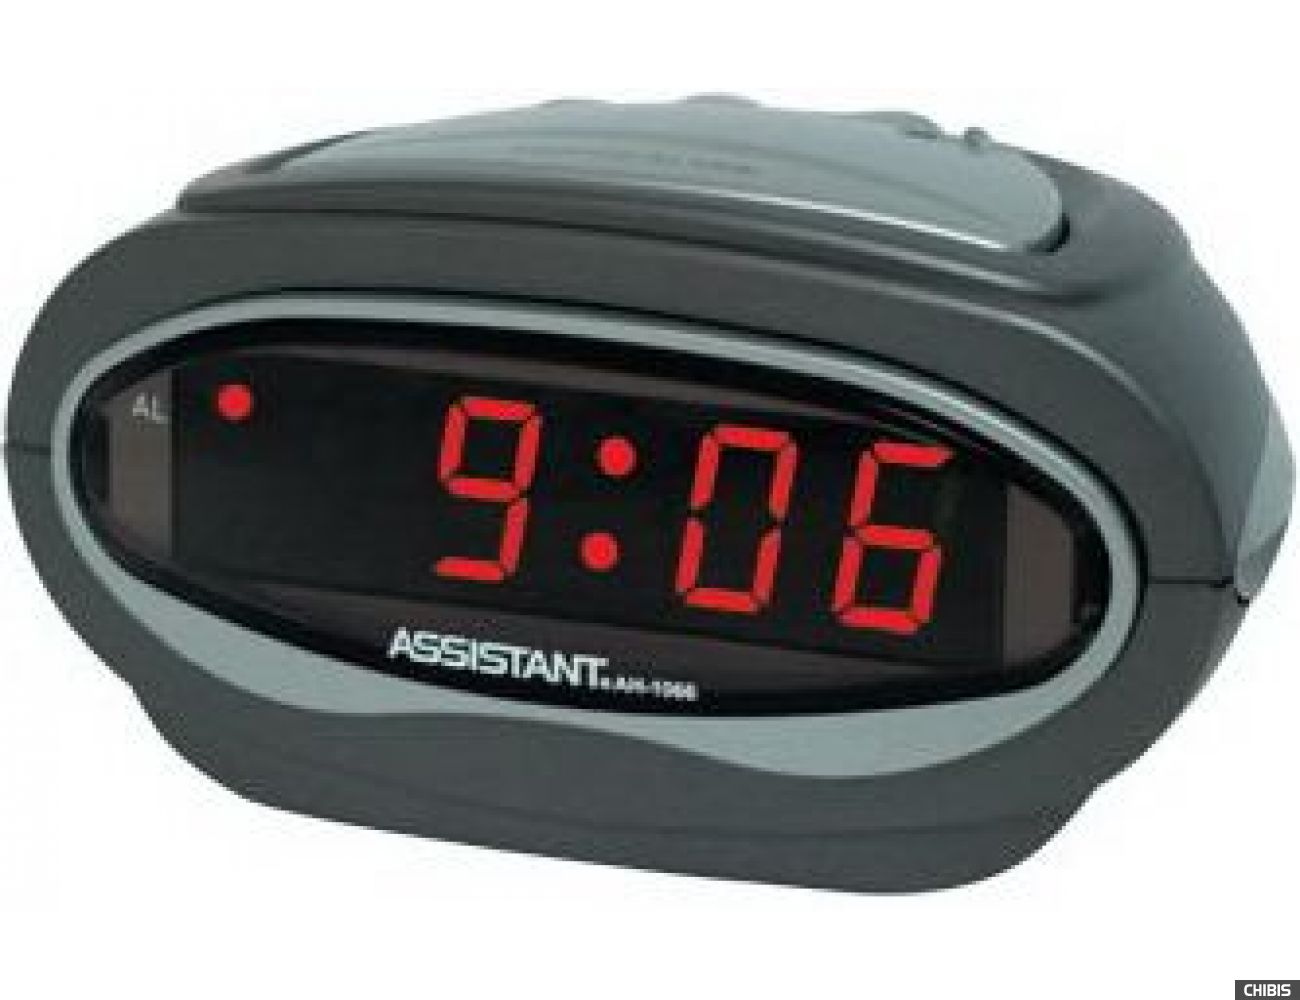 Настольные часы Assistant AH-1066 green